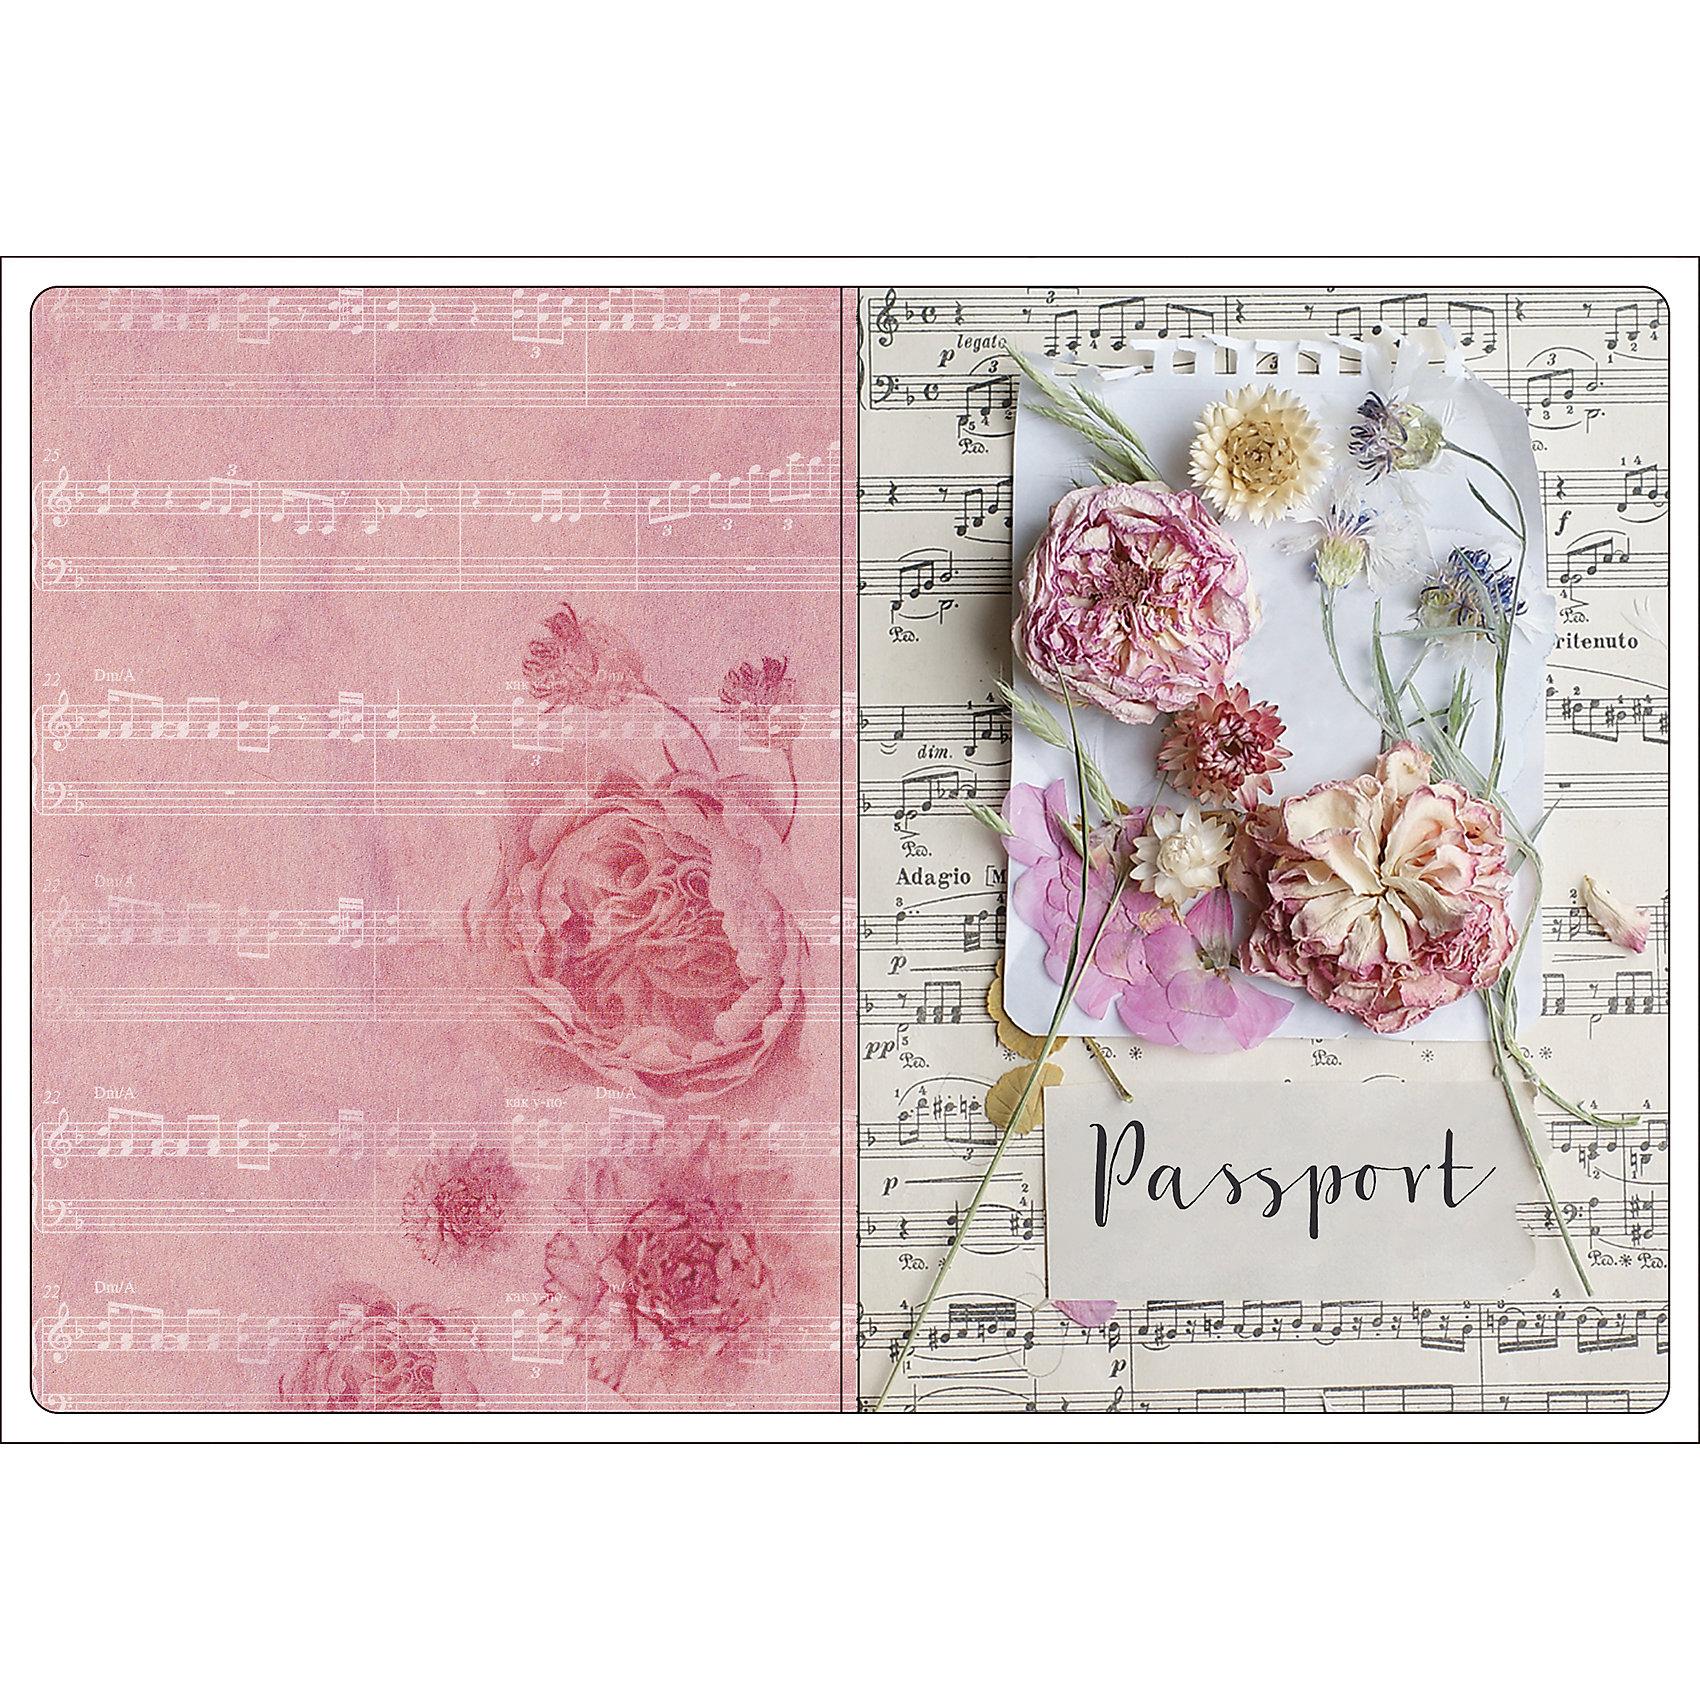 Обложка для паспорта Ноты и цветы, Феникс-ПрезентОбложка для паспорта Ноты и цветы, Феникс-Презент <br><br>Характеристики:<br><br>• оригинальный дизайн<br>• высокая прочность<br>• размер: 13,3х19,1 см<br>• материал: ПВХ<br><br>Оригинальная обложка для паспорта подчеркнет ваш стиль и индивидуальность. Обложка от Феникс Презент изготовлена из прочного поливинилхлорида с высокой износостойкостью. Обложка оформлена красивым изображением цветов на фоне нотного стана.<br><br>Обложку для паспорта Ноты и цветы, Феникс-Презент можно купить в нашем интернет-магазине.<br><br>Ширина мм: 133<br>Глубина мм: 191<br>Высота мм: 50<br>Вес г: 35<br>Возраст от месяцев: 168<br>Возраст до месяцев: 2147483647<br>Пол: Унисекс<br>Возраст: Детский<br>SKU: 5449576